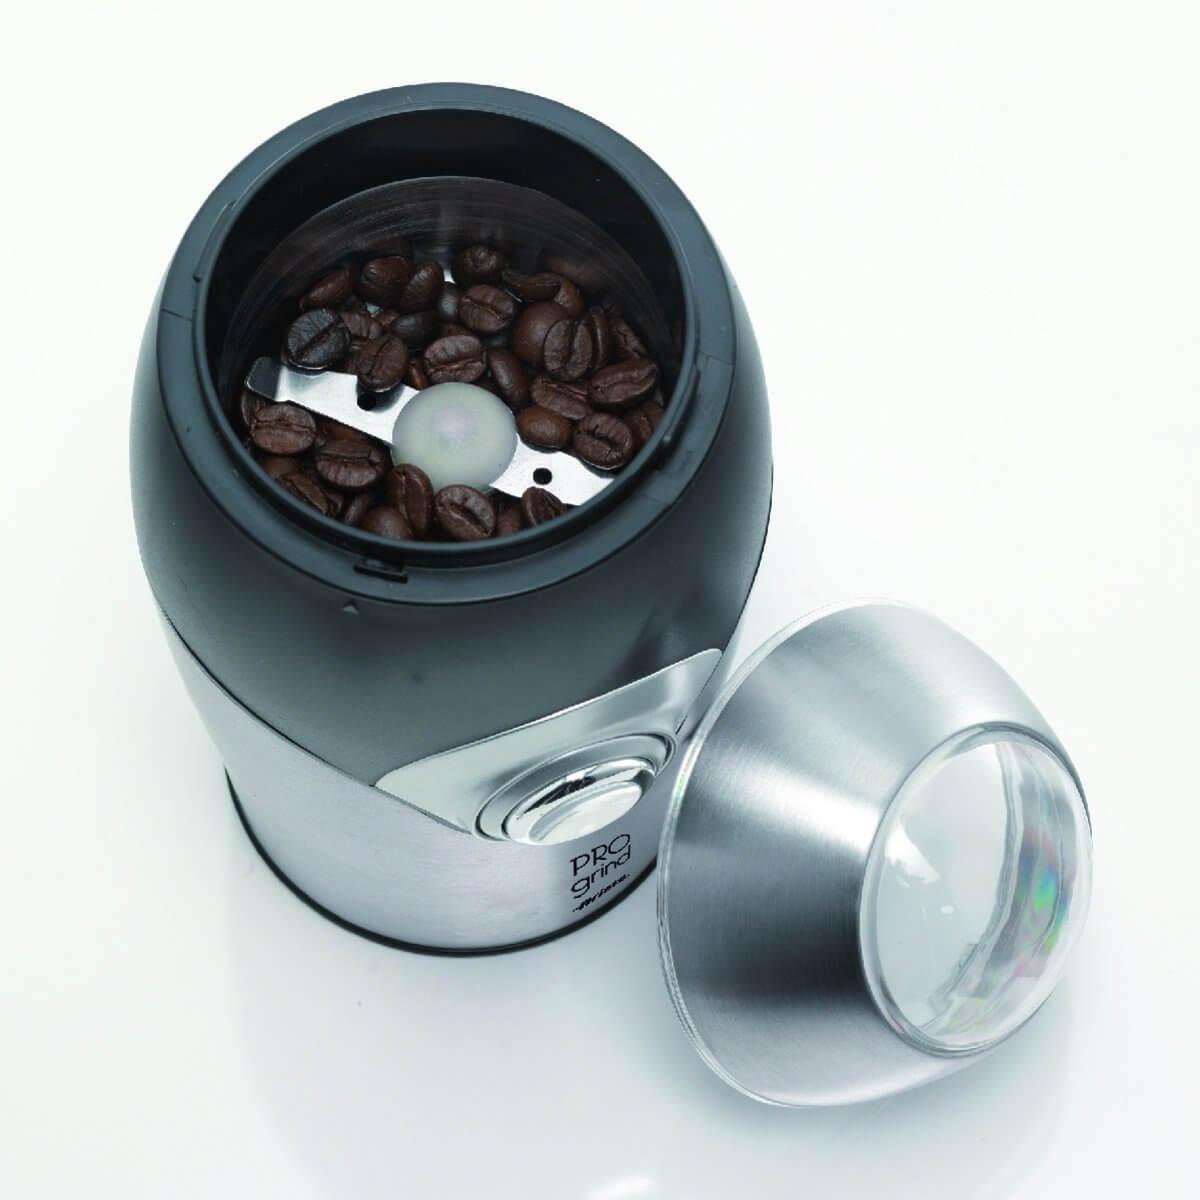 Młynek do kawy Ariete Pro Grind Coffee & Spice 3016